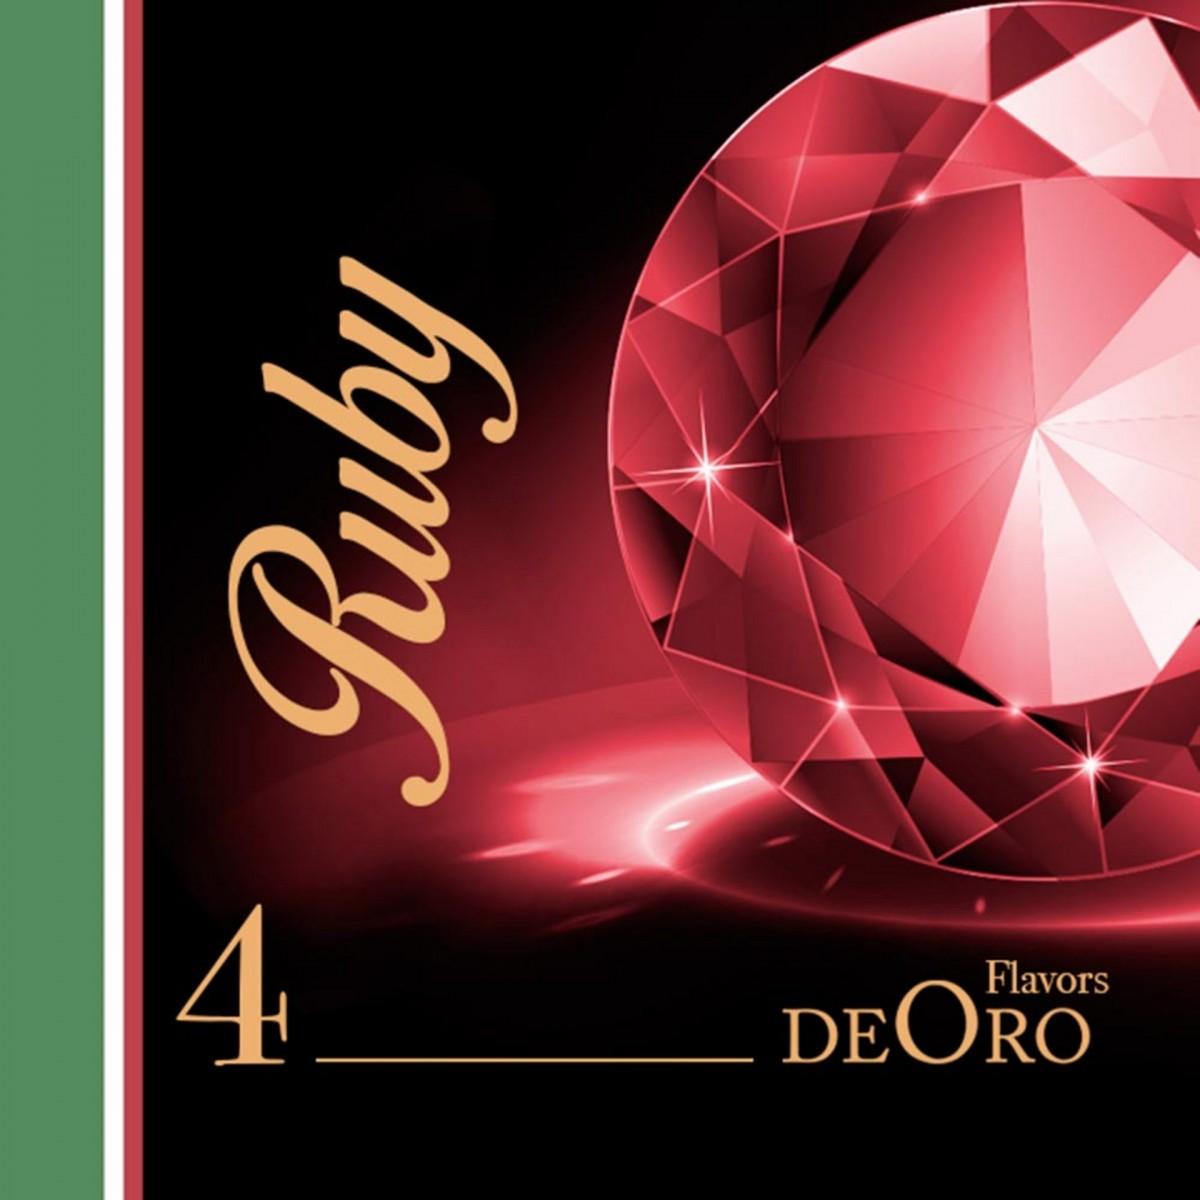 DeOro - Aroma 10ml - Ruby